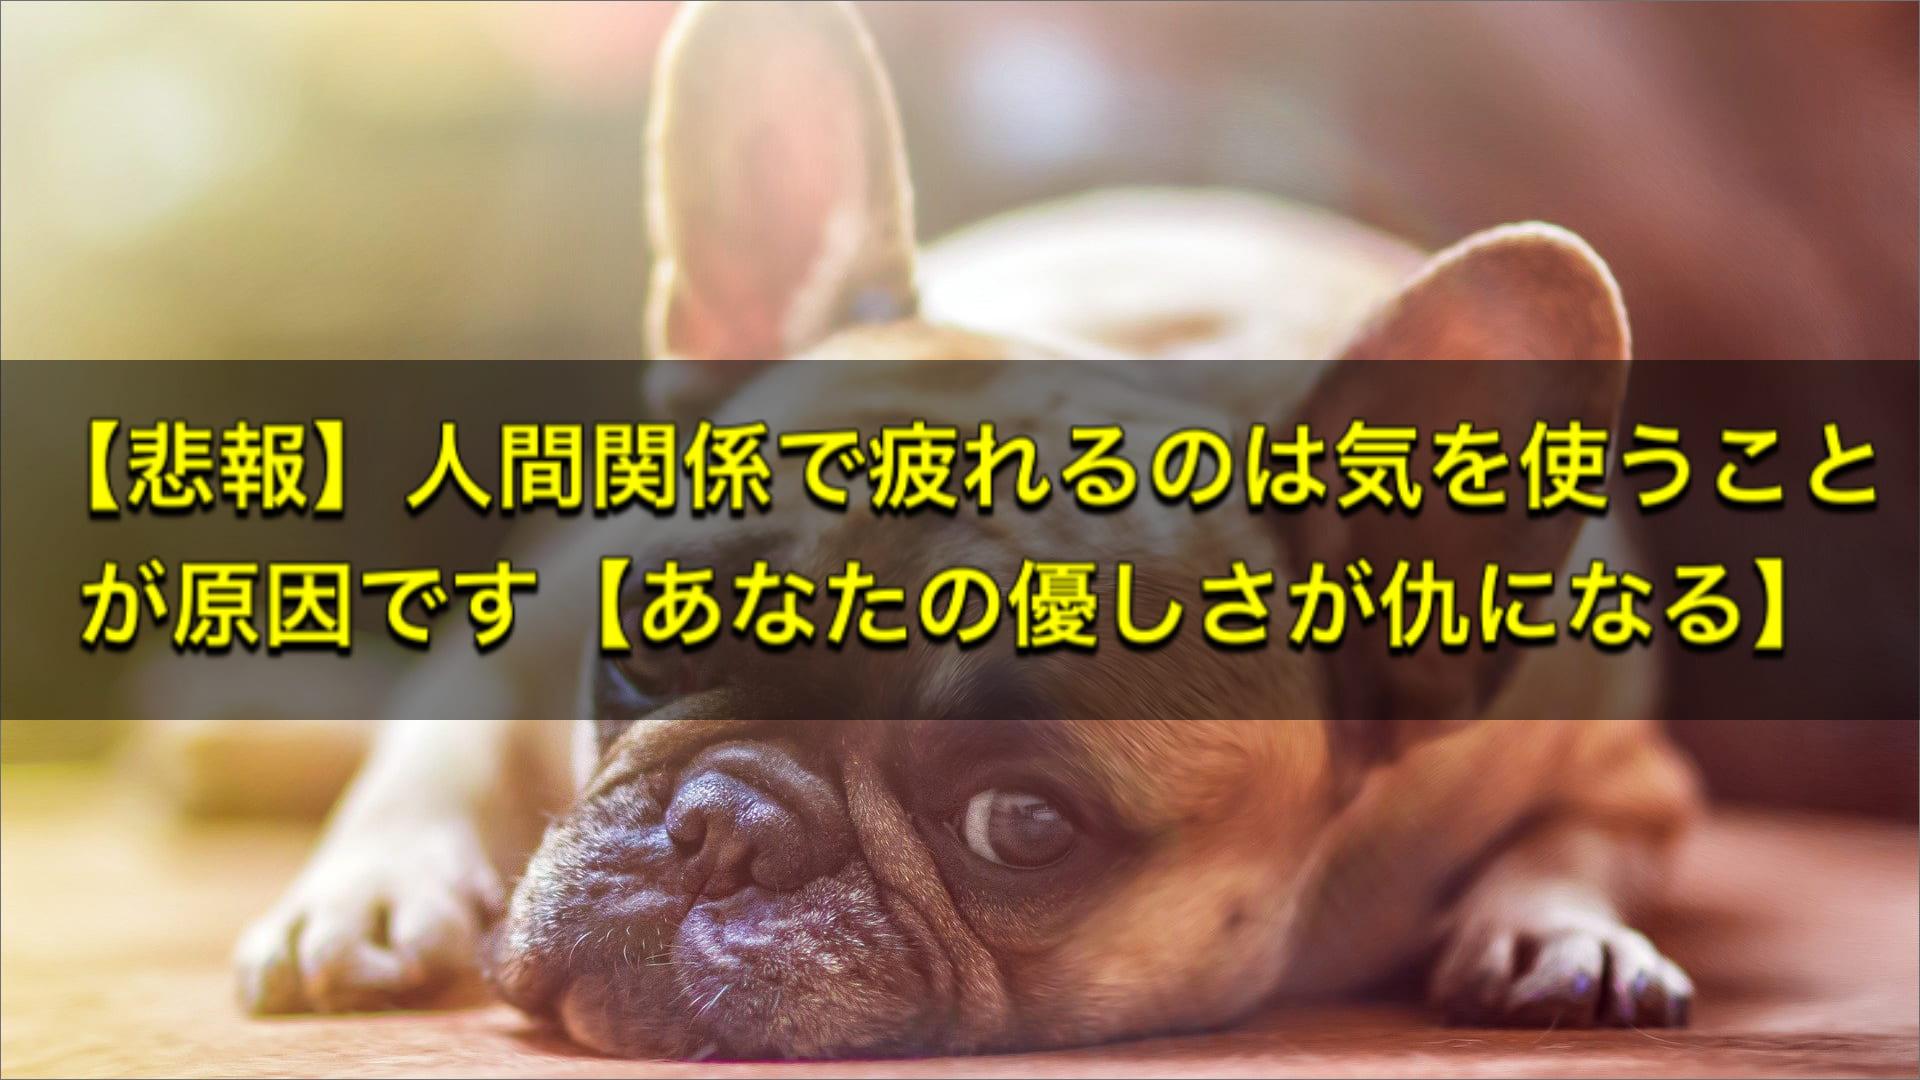 【悲報】人間関係で疲れるのは気を使うことが原因です【あなたの優しさが仇になる】